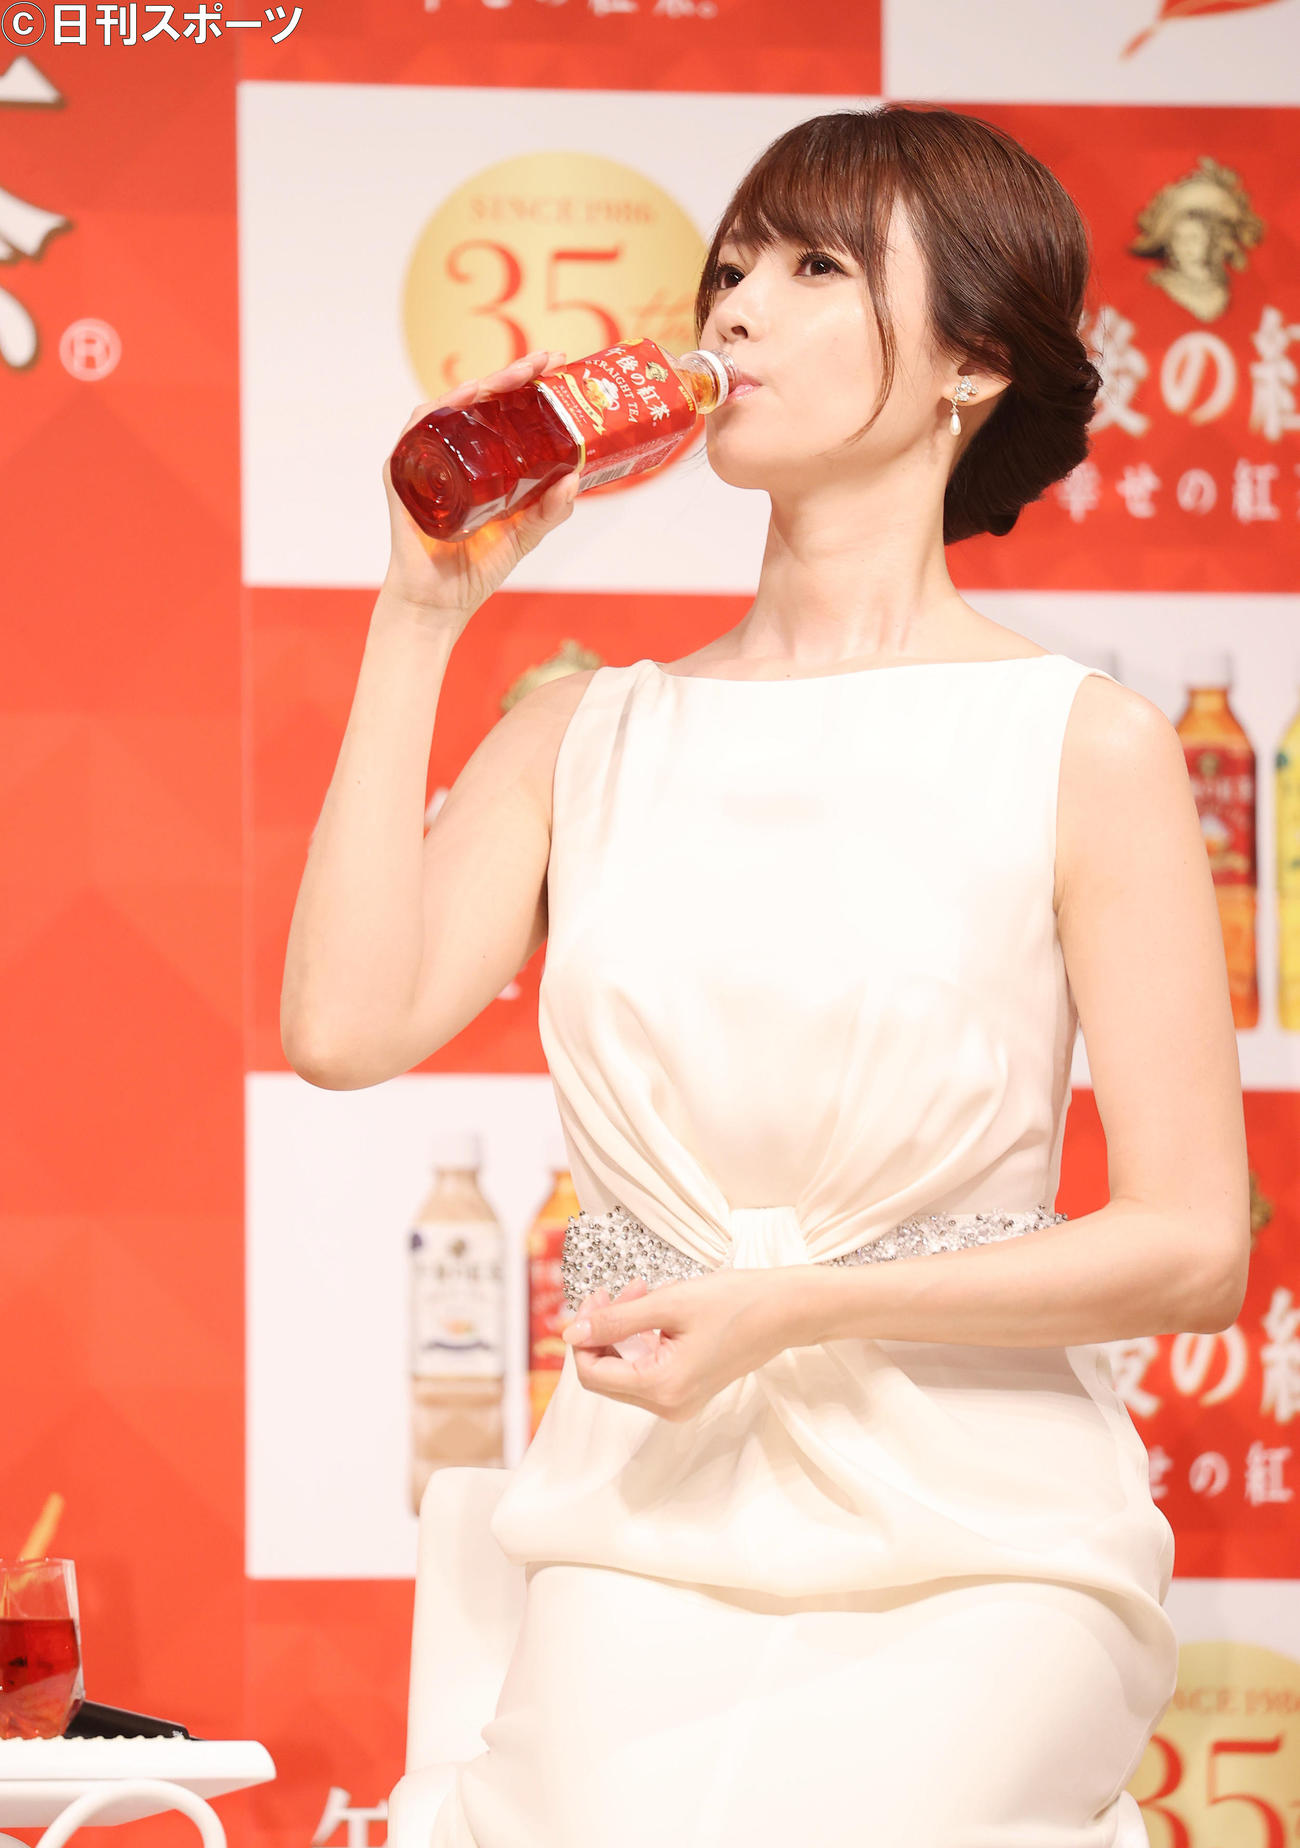 試飲する深田恭子